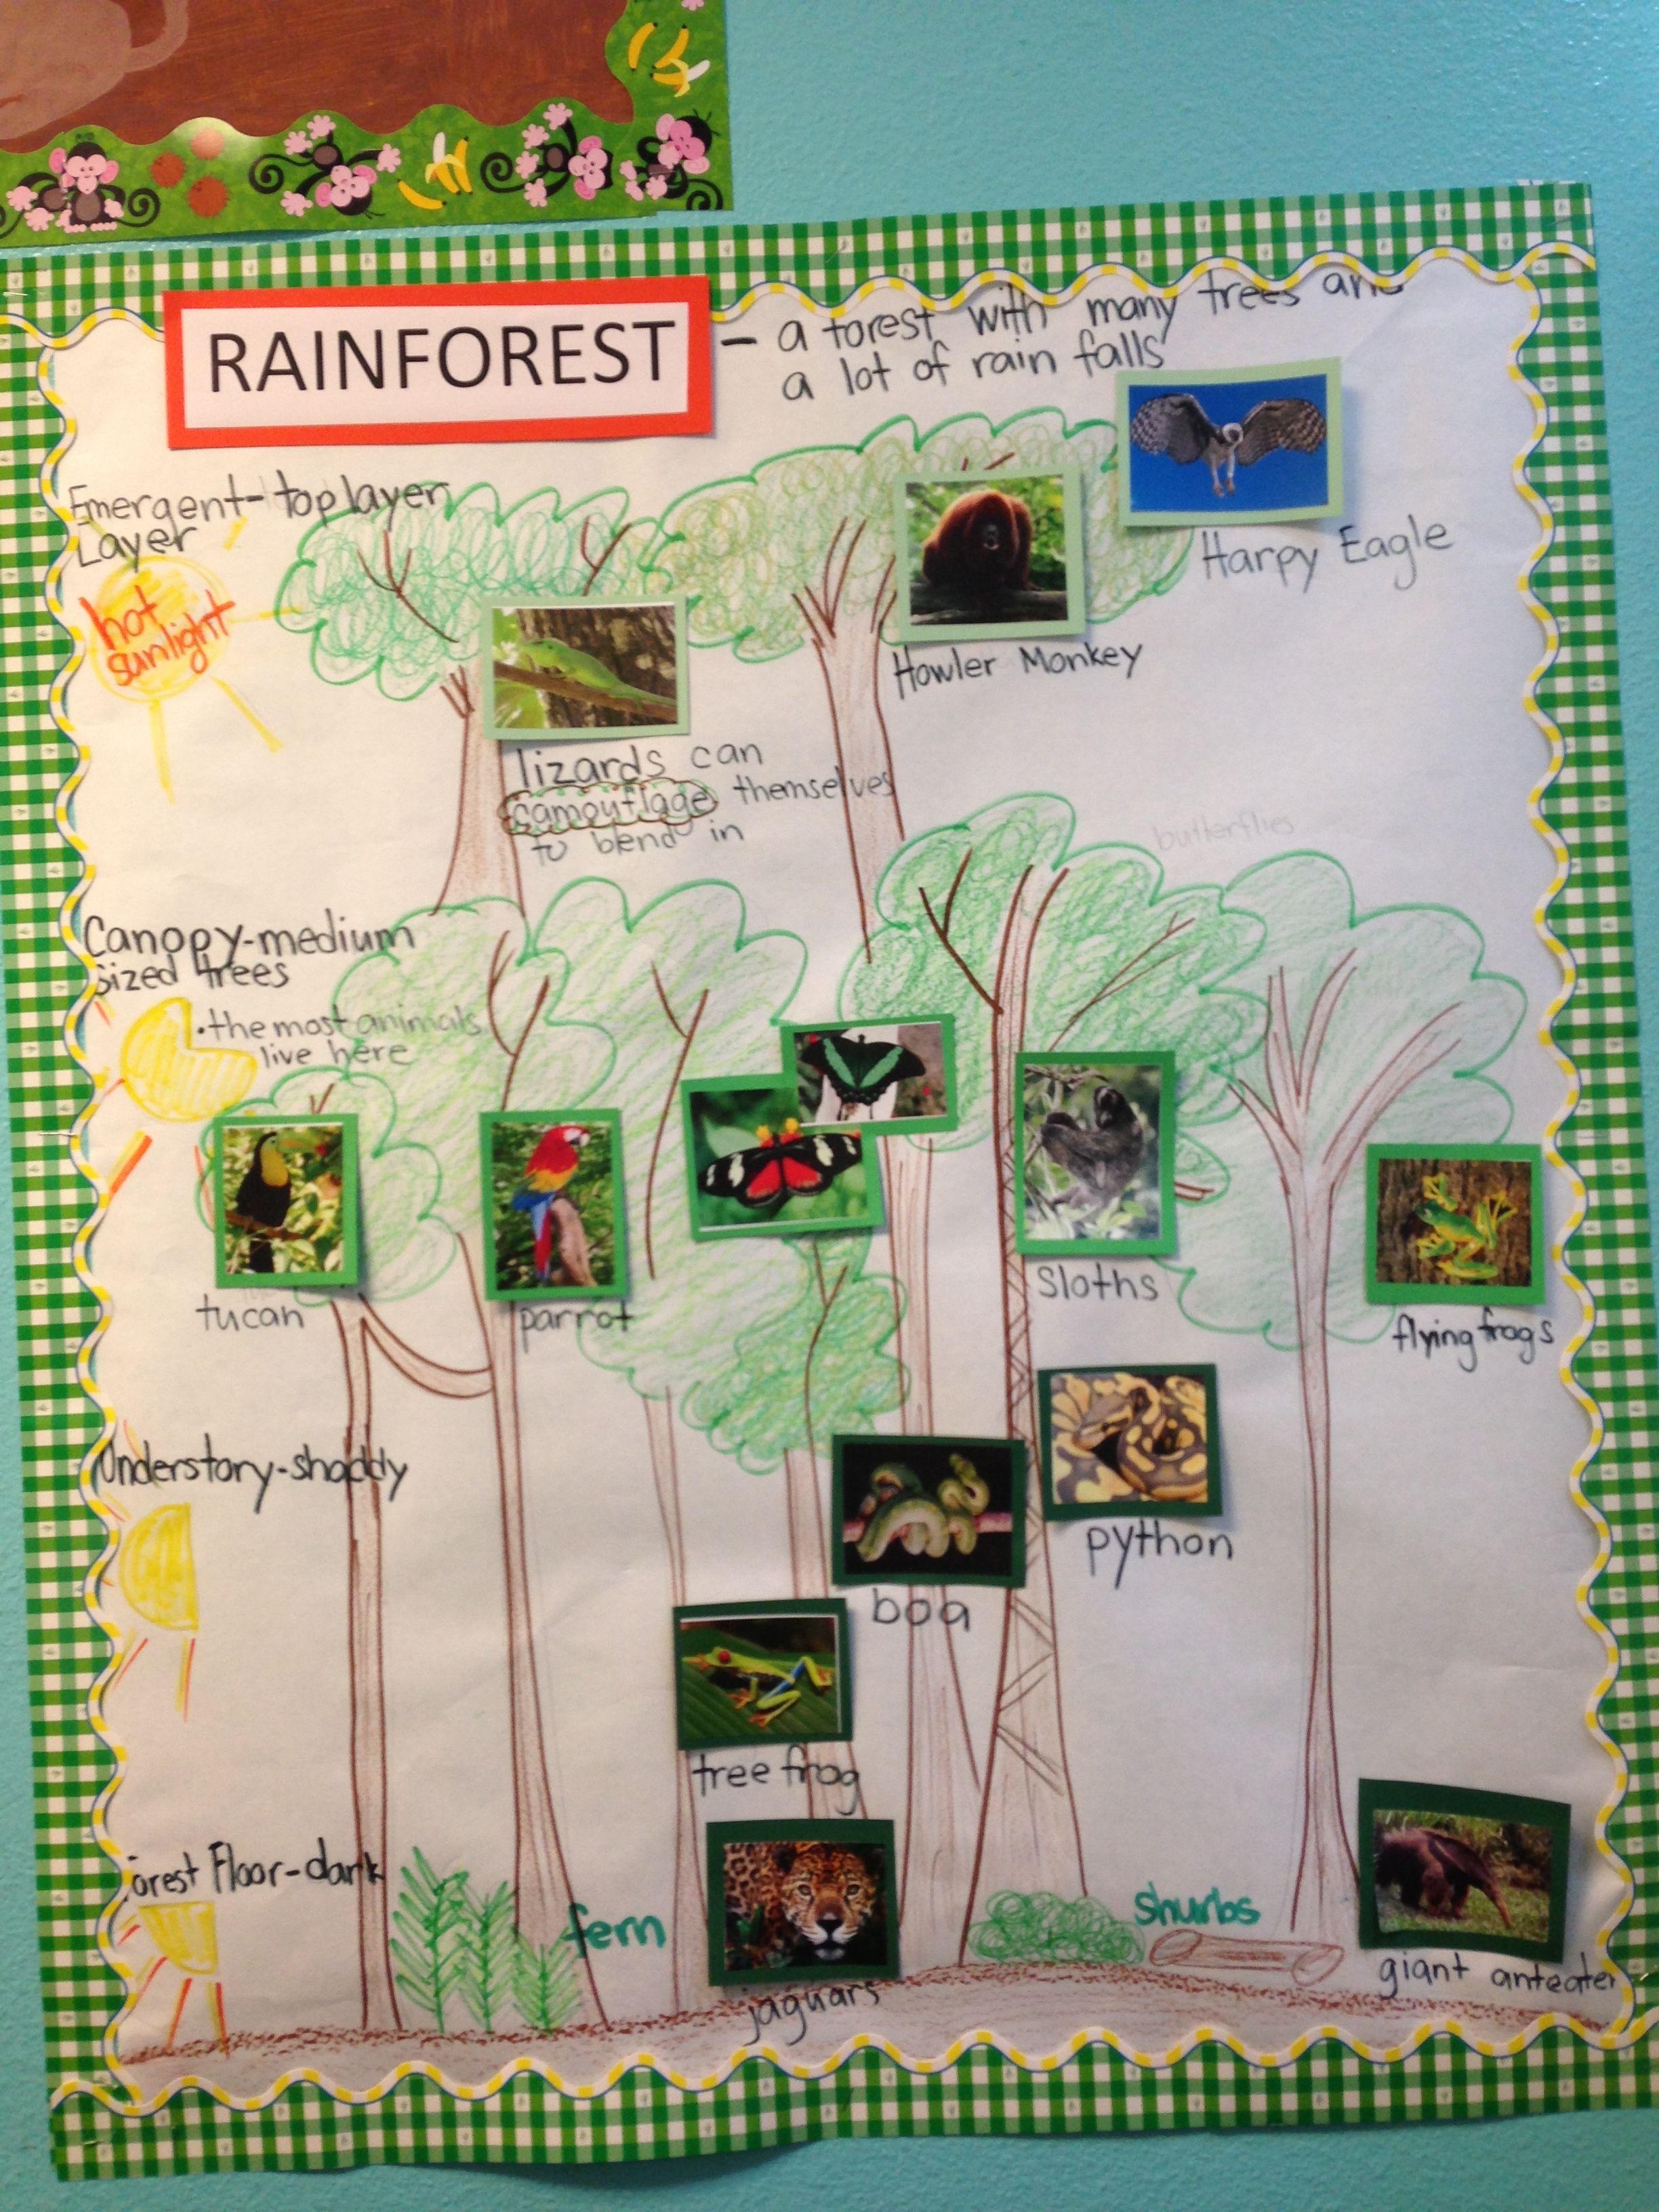 Rainforest Habitat Pictorial Diagram Input This Concept